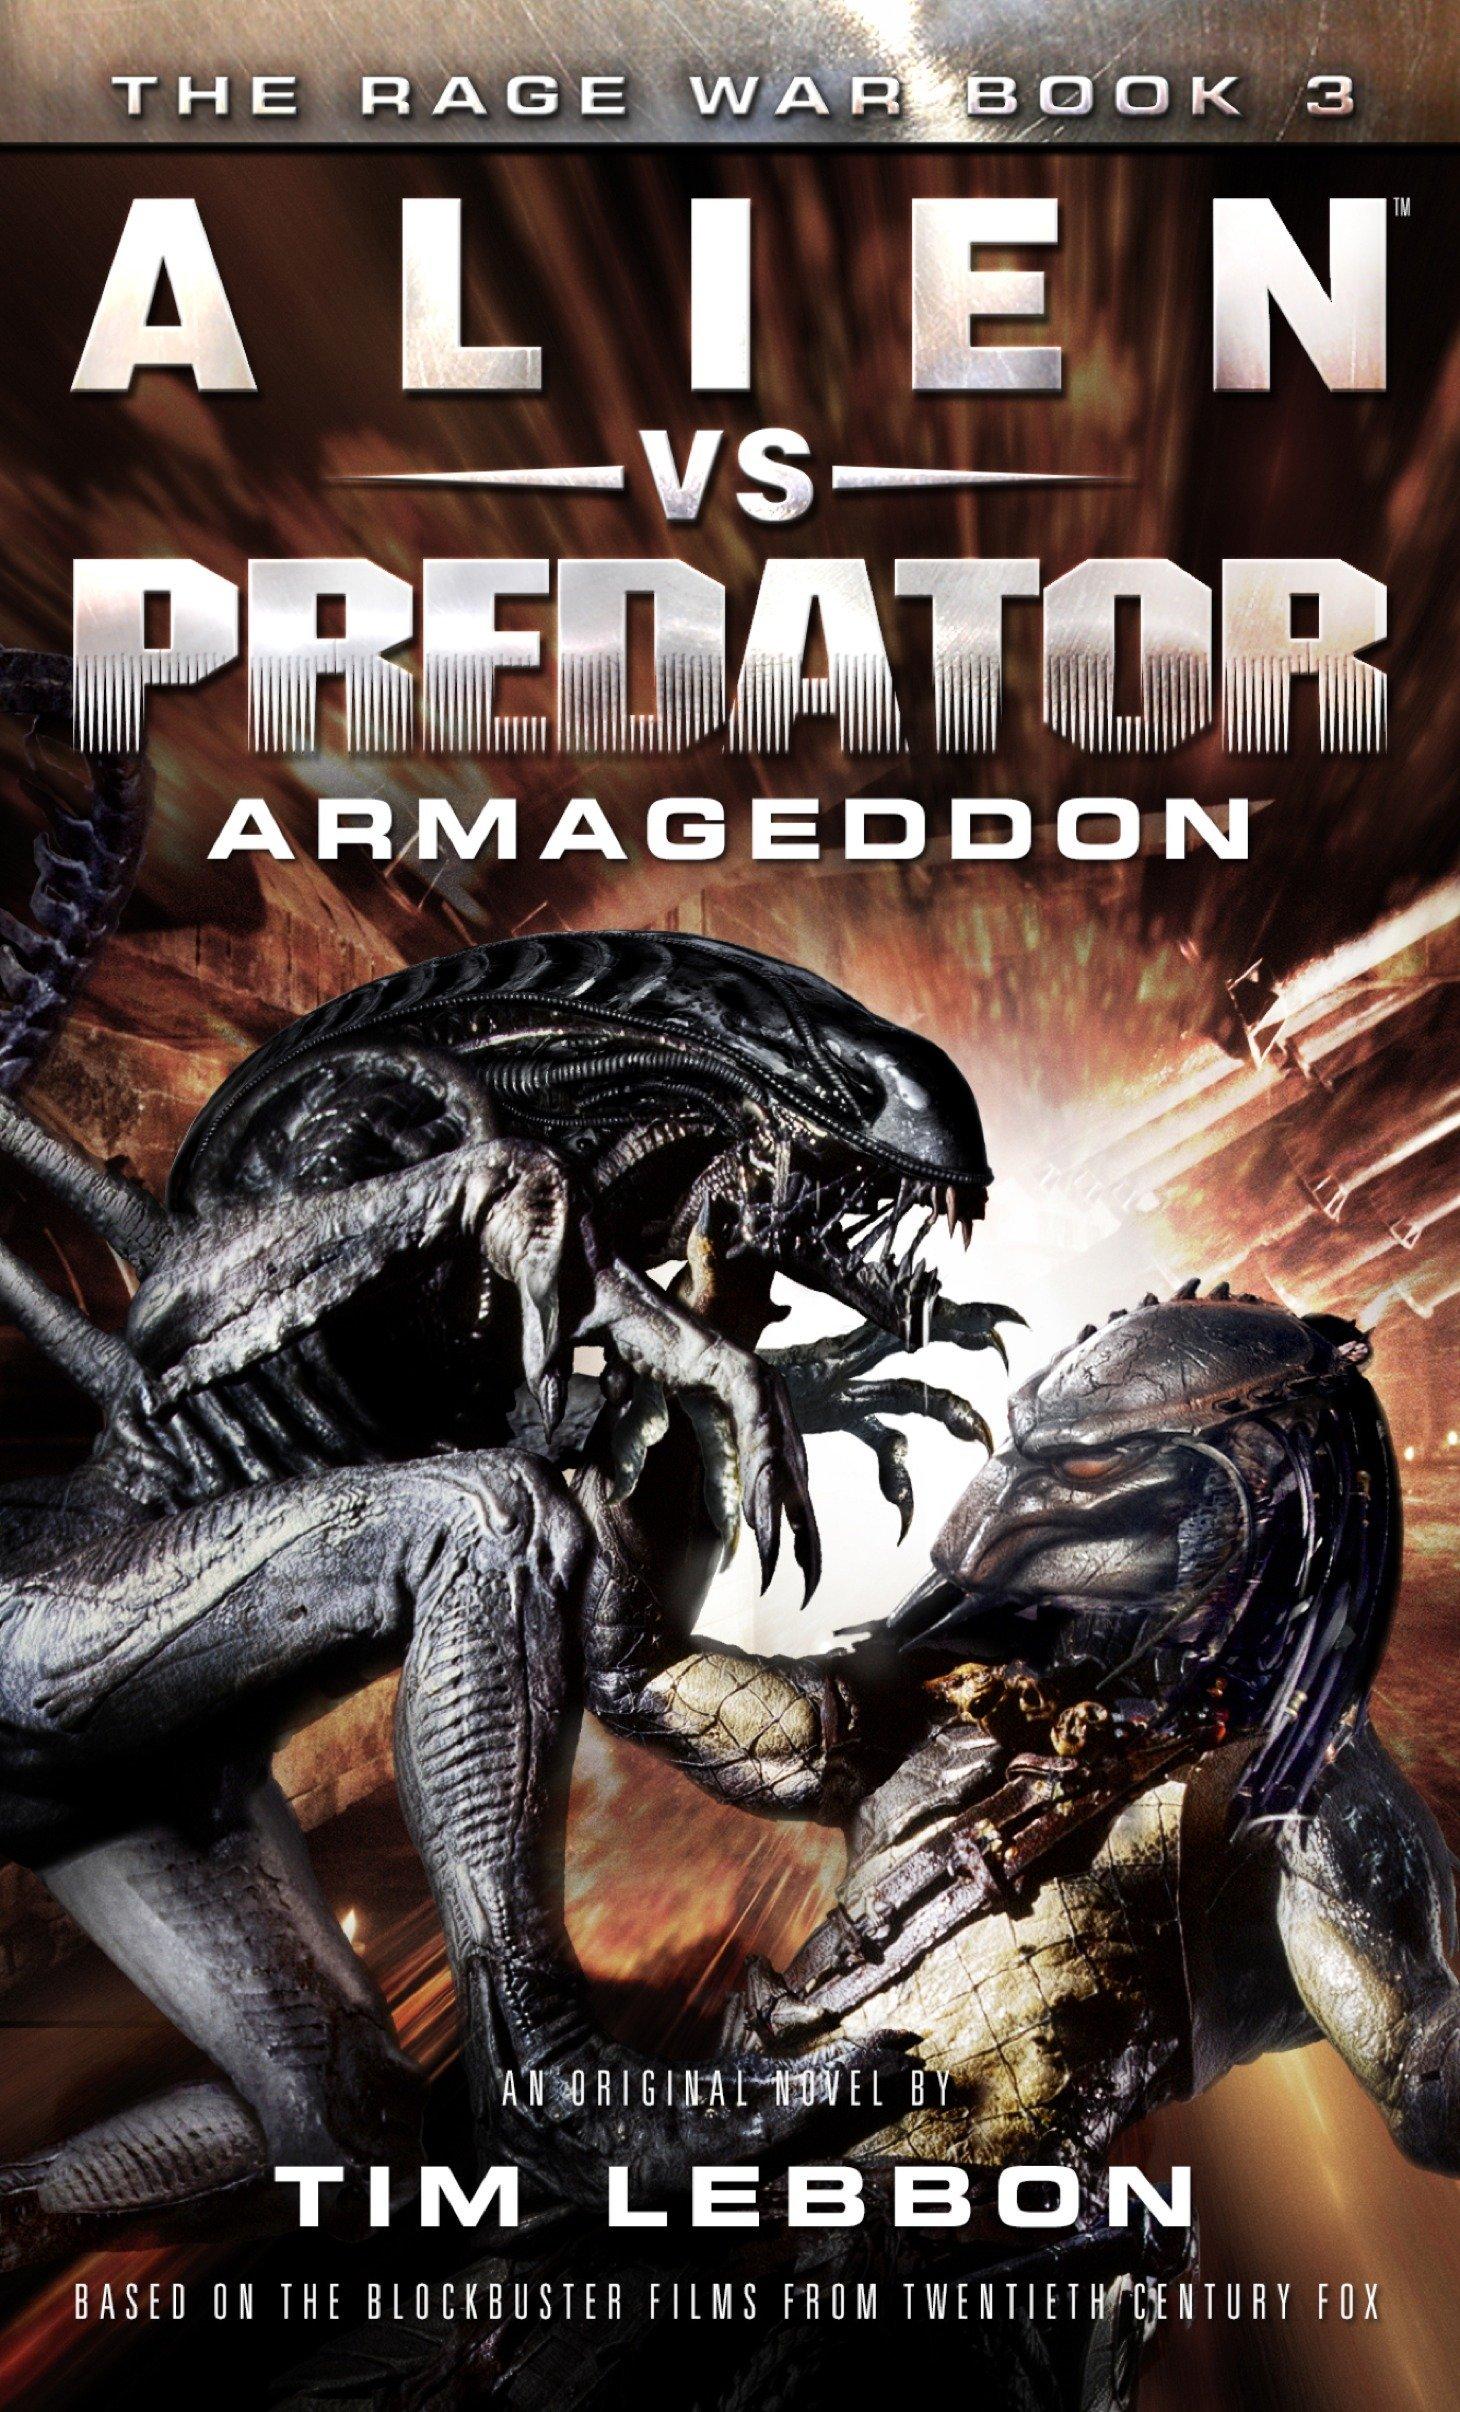 Alien vs. Predator: Armageddon: The Rage War 3 pdf